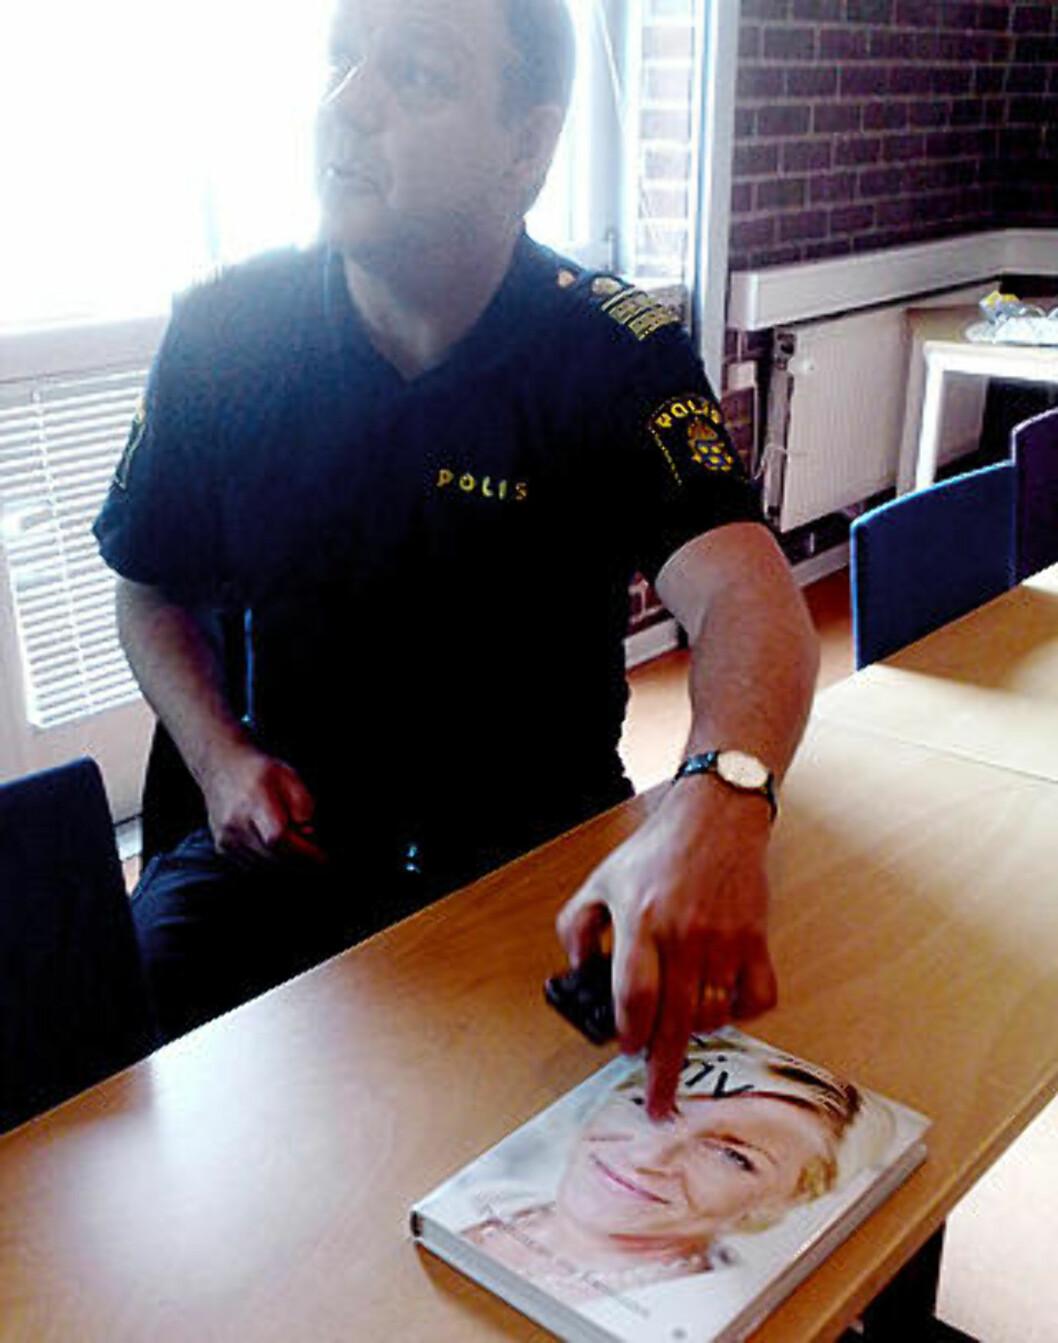 SKAL IKKE LESE: Politisjef Børje Aronsson i Malmö har ikke tenkt å lese biografen om Siv Jensen han fikk overrakt av Frp-delegasjonen. Foto: Mobilkamera